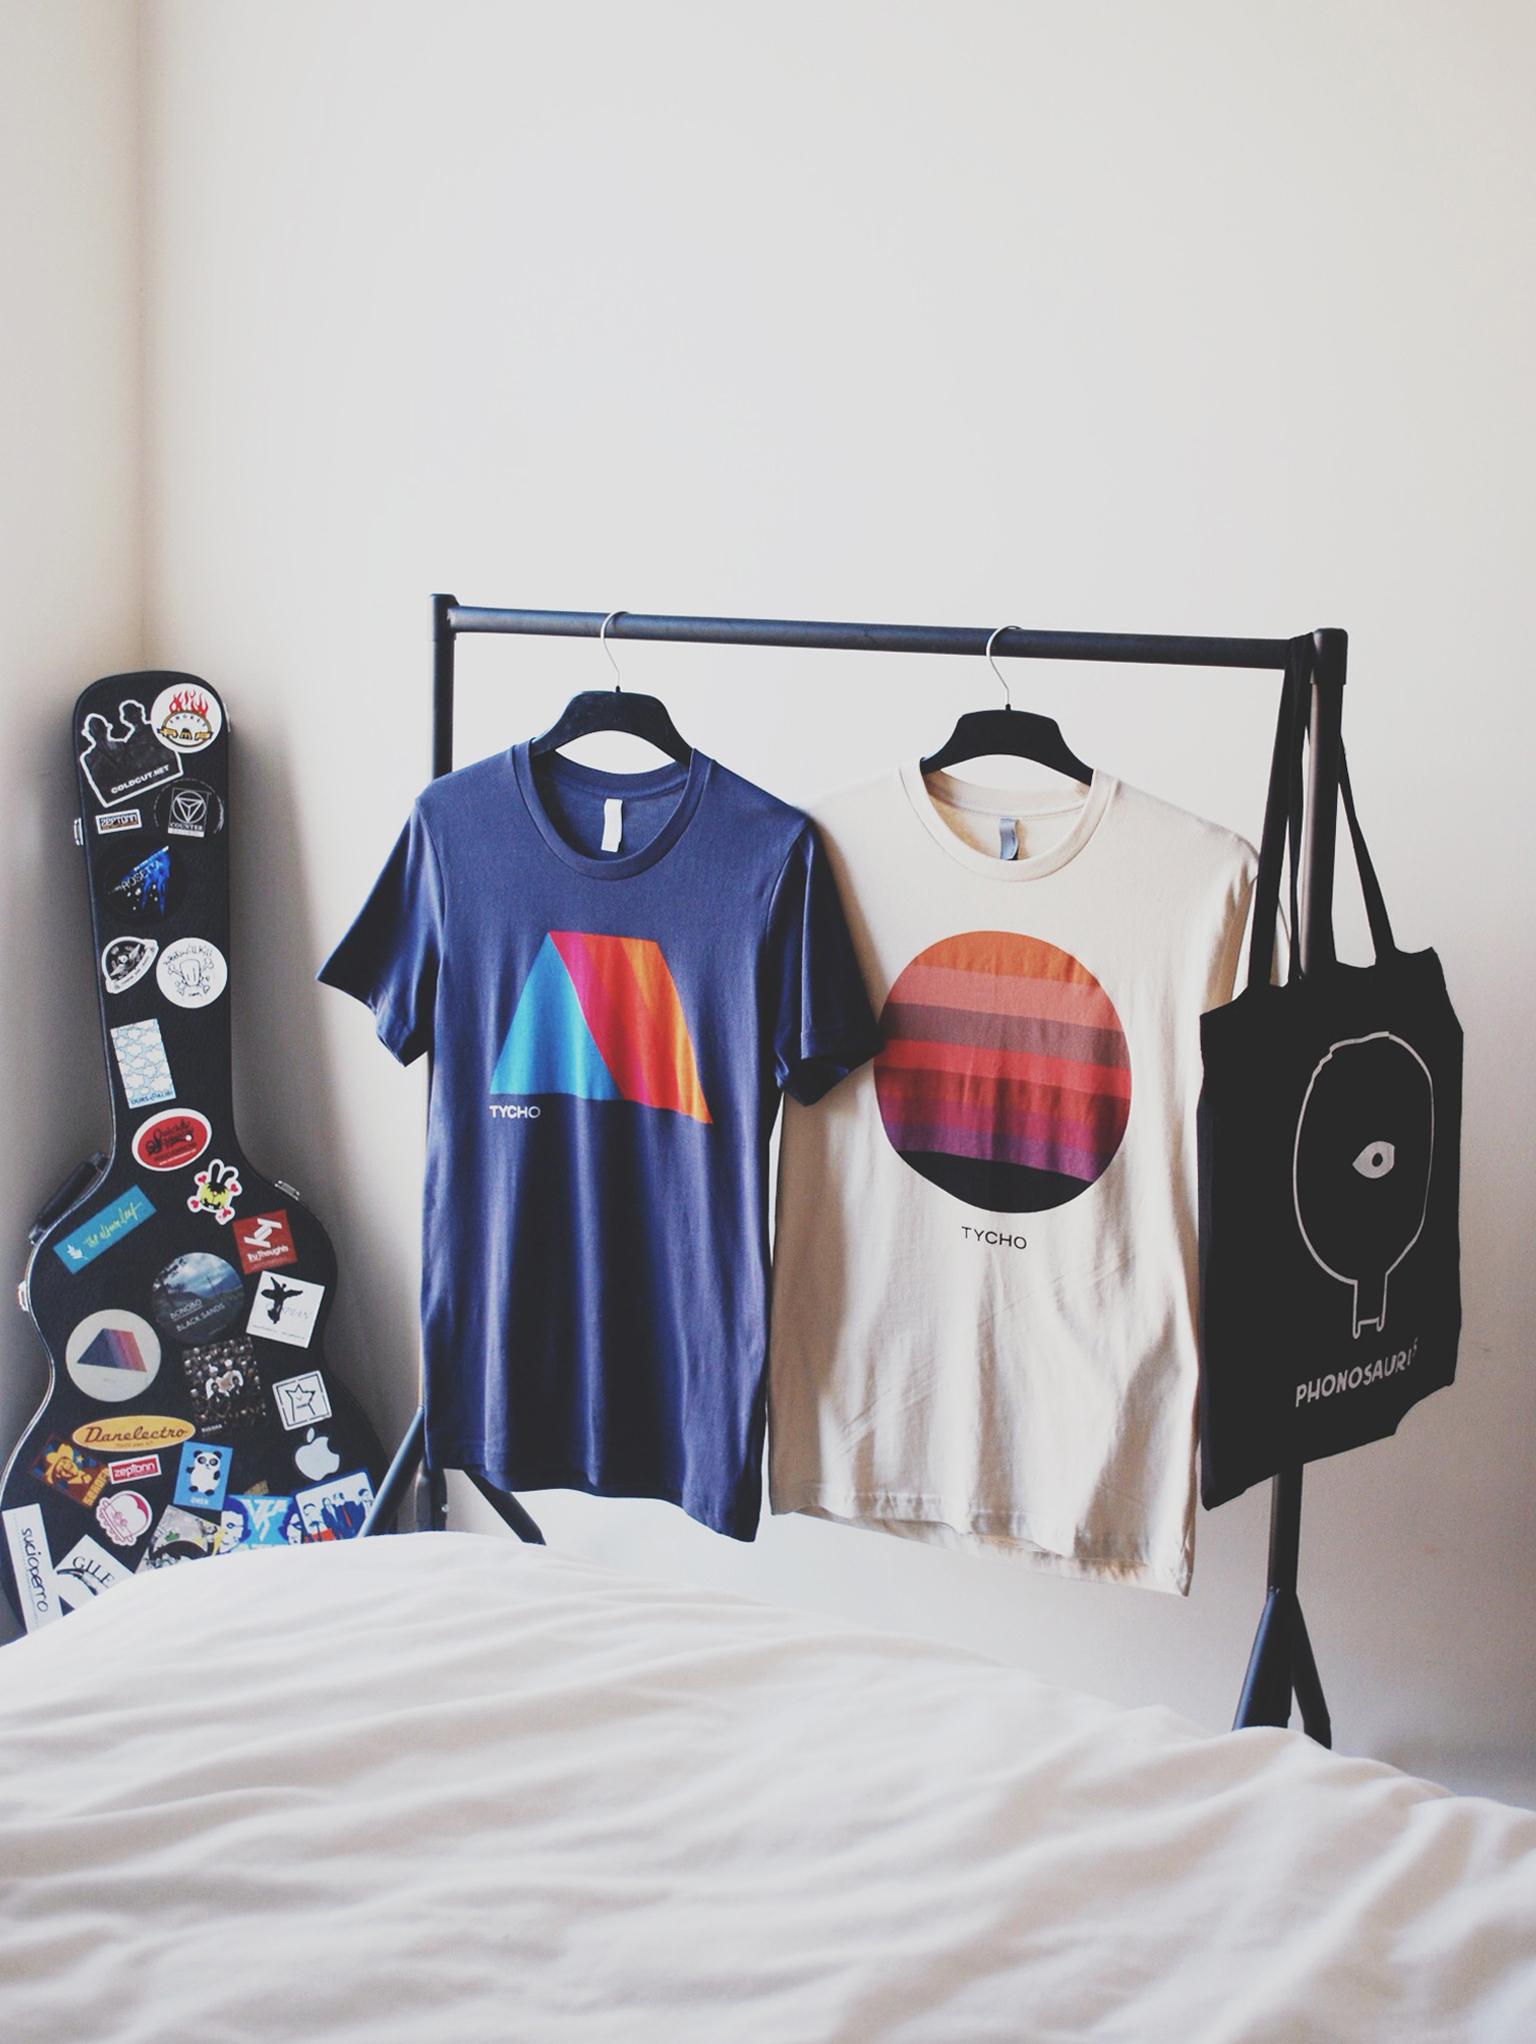 Tycho T-Shirts